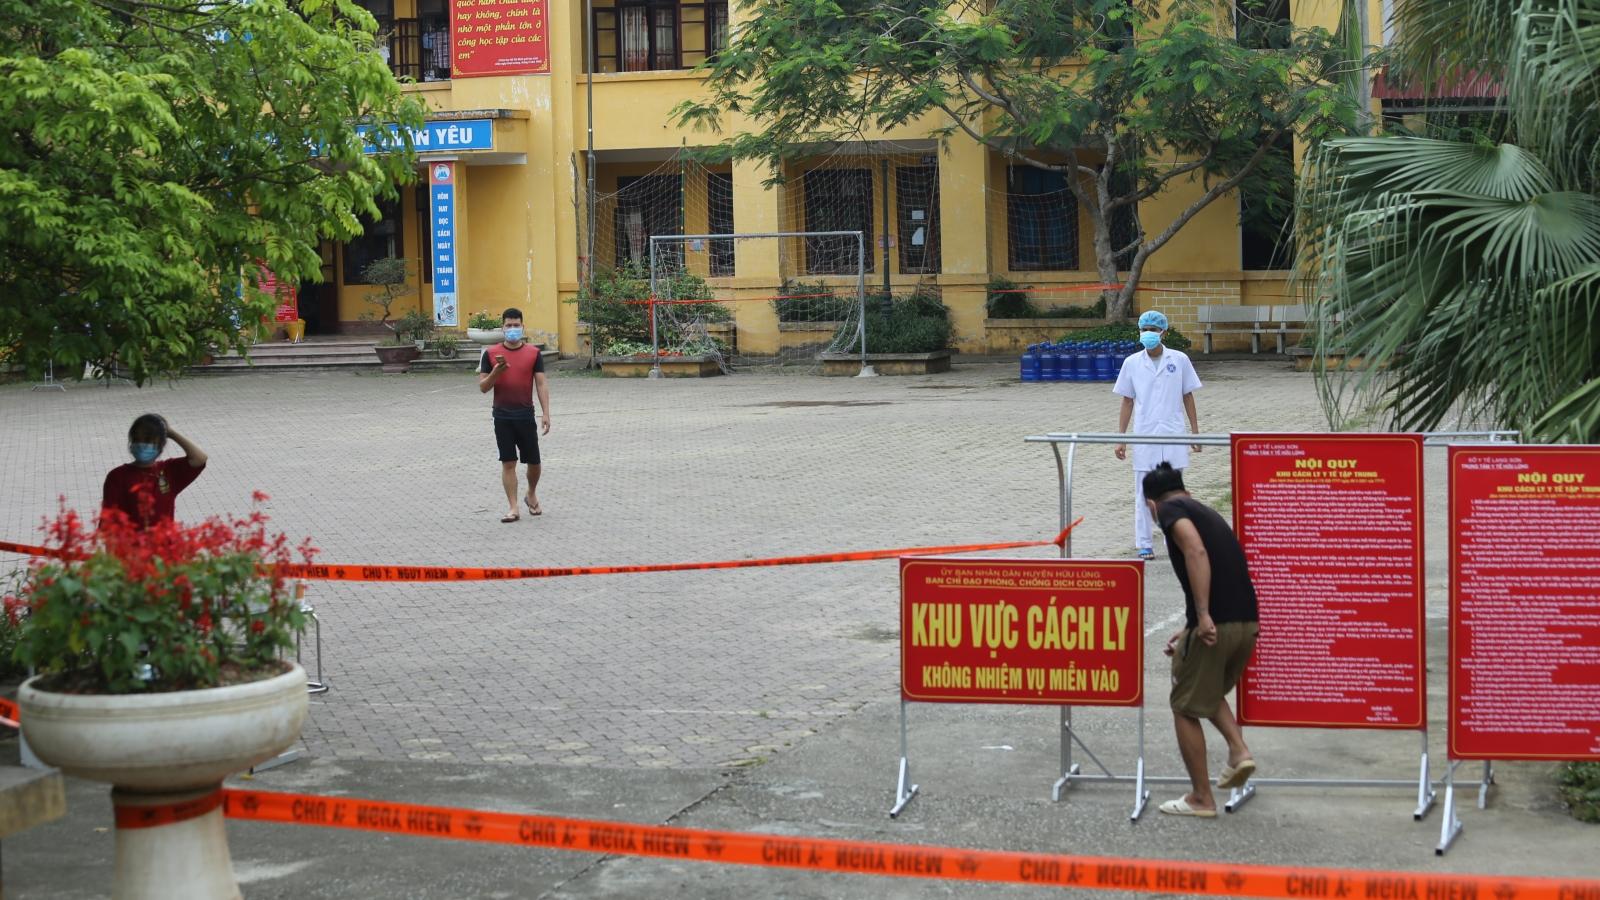 Lạng Sơn chủ động phương án tiếp nhận và cách ly công dân trở về từ các tỉnh có dịch